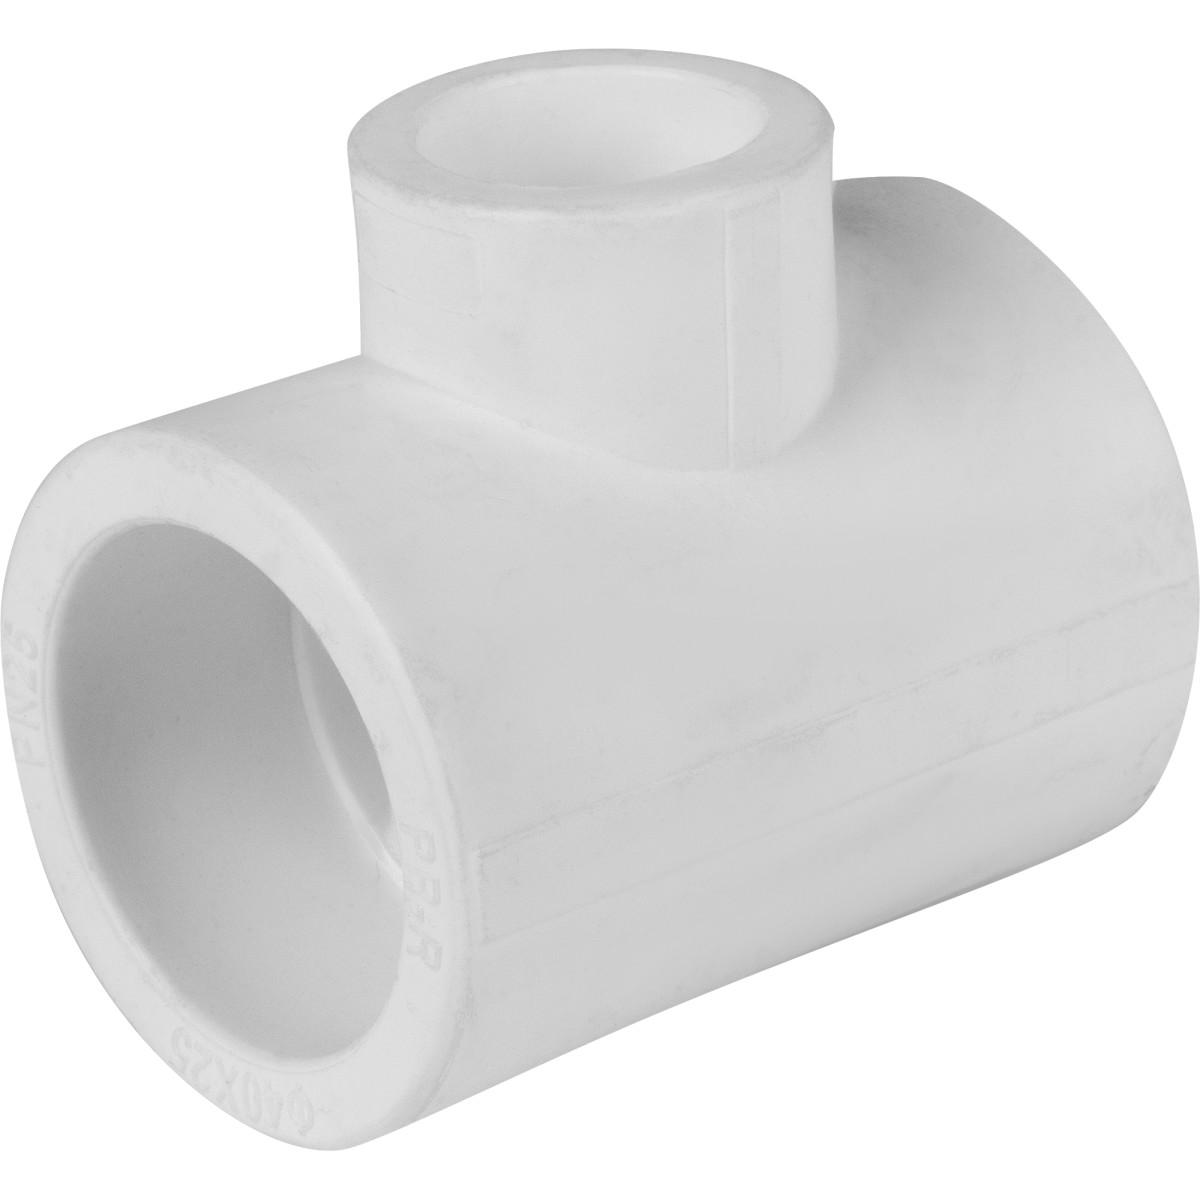 Тройник ⌀40 x 25 x 40 мм полипропилен